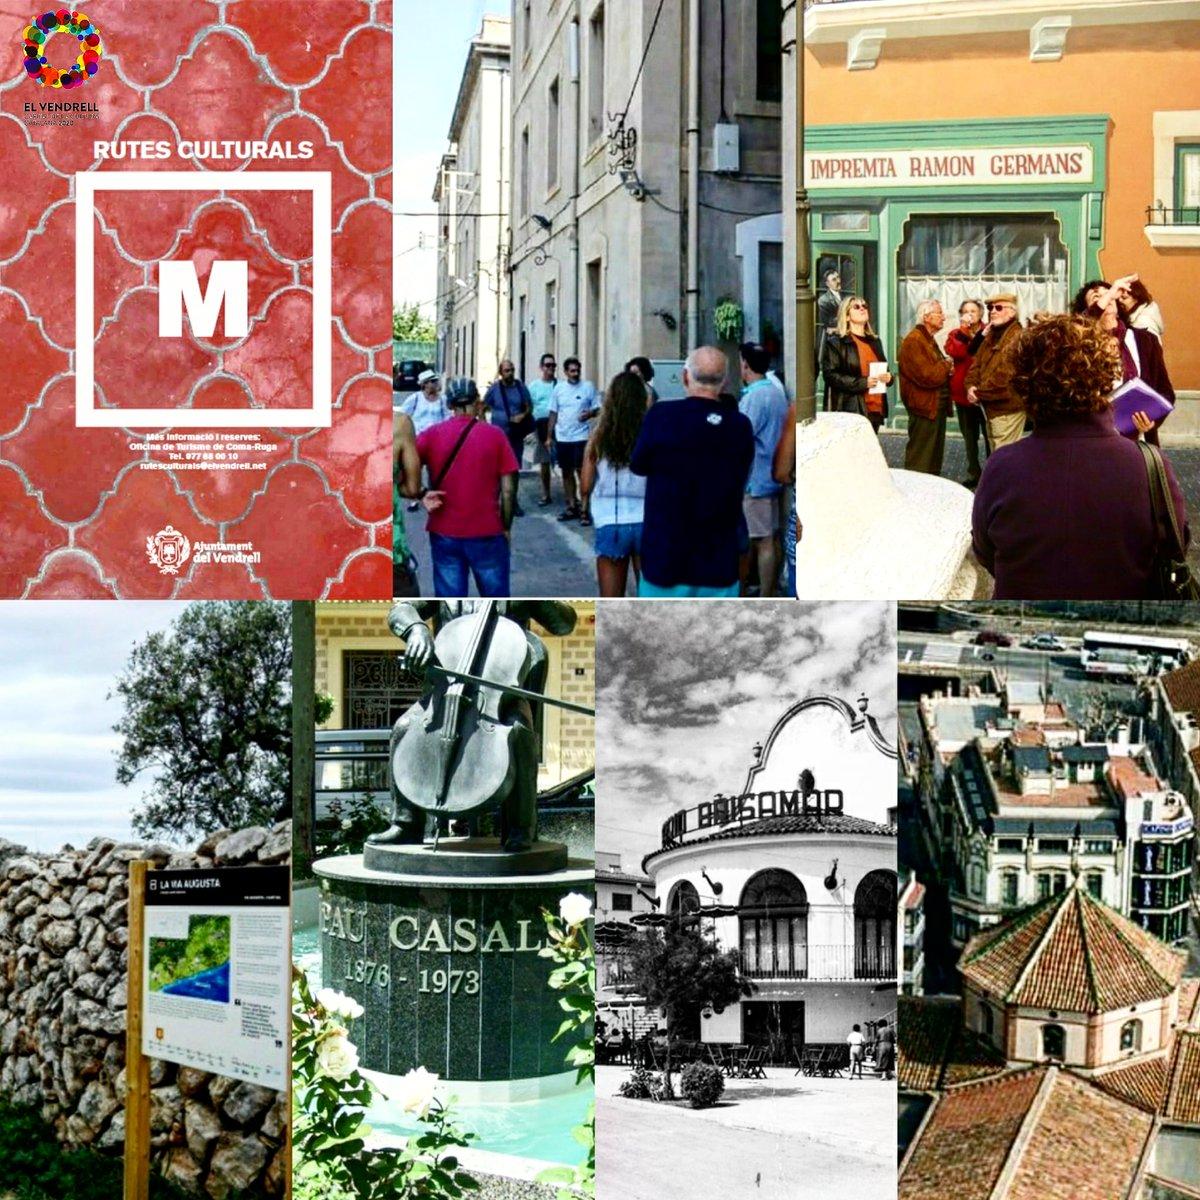 #Sabiesque Dilluns comencen les Rutes Culturals destiu a #elvendrell? #elvendrelltestima + INFO ℹ➡️museusdelvendrell.koobin.com #rutesculturals #costadaurada #catalunyaexperience #FelizSabado @elvendrell_cat @ElVendrell2020 @VendrellMuseus @costadauradatur @catexperience